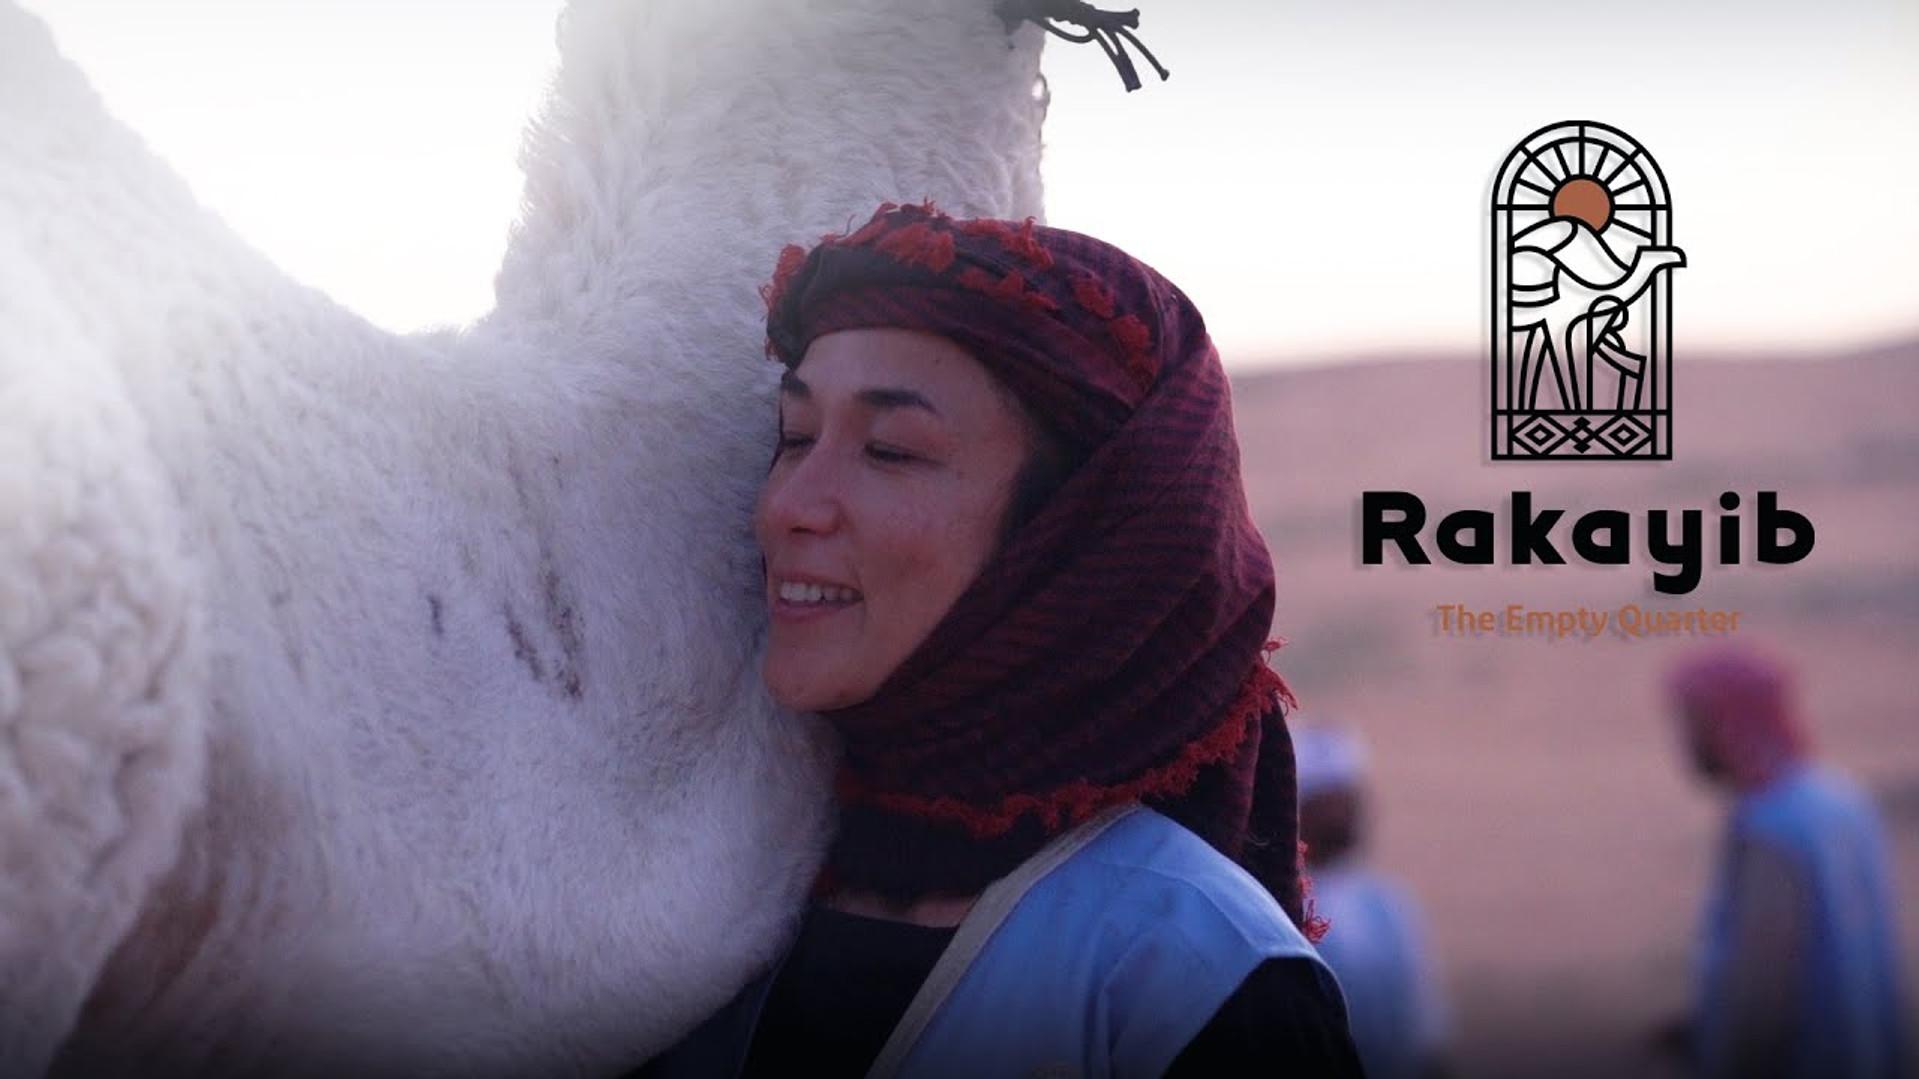 RAKAYIB | THE EMPTY QUARTER 1 - ANNA AIKO